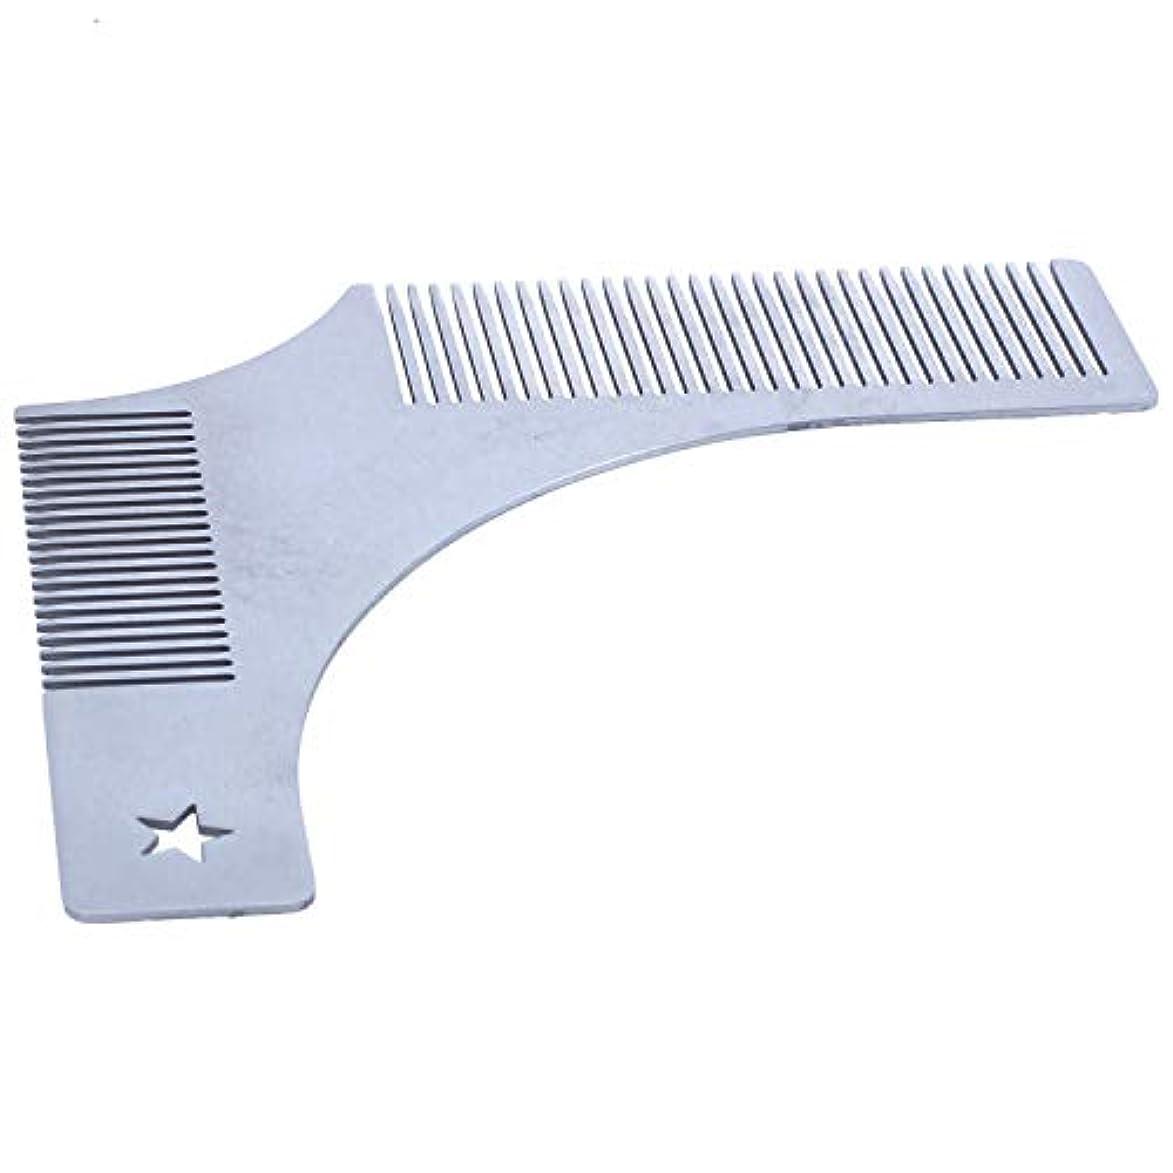 すなわち謙虚なスタックVaorwne ひげ造形櫛ステンレス鋼ひげ成形ツールひげモデリングテンプレートカーディングツールひげ櫛